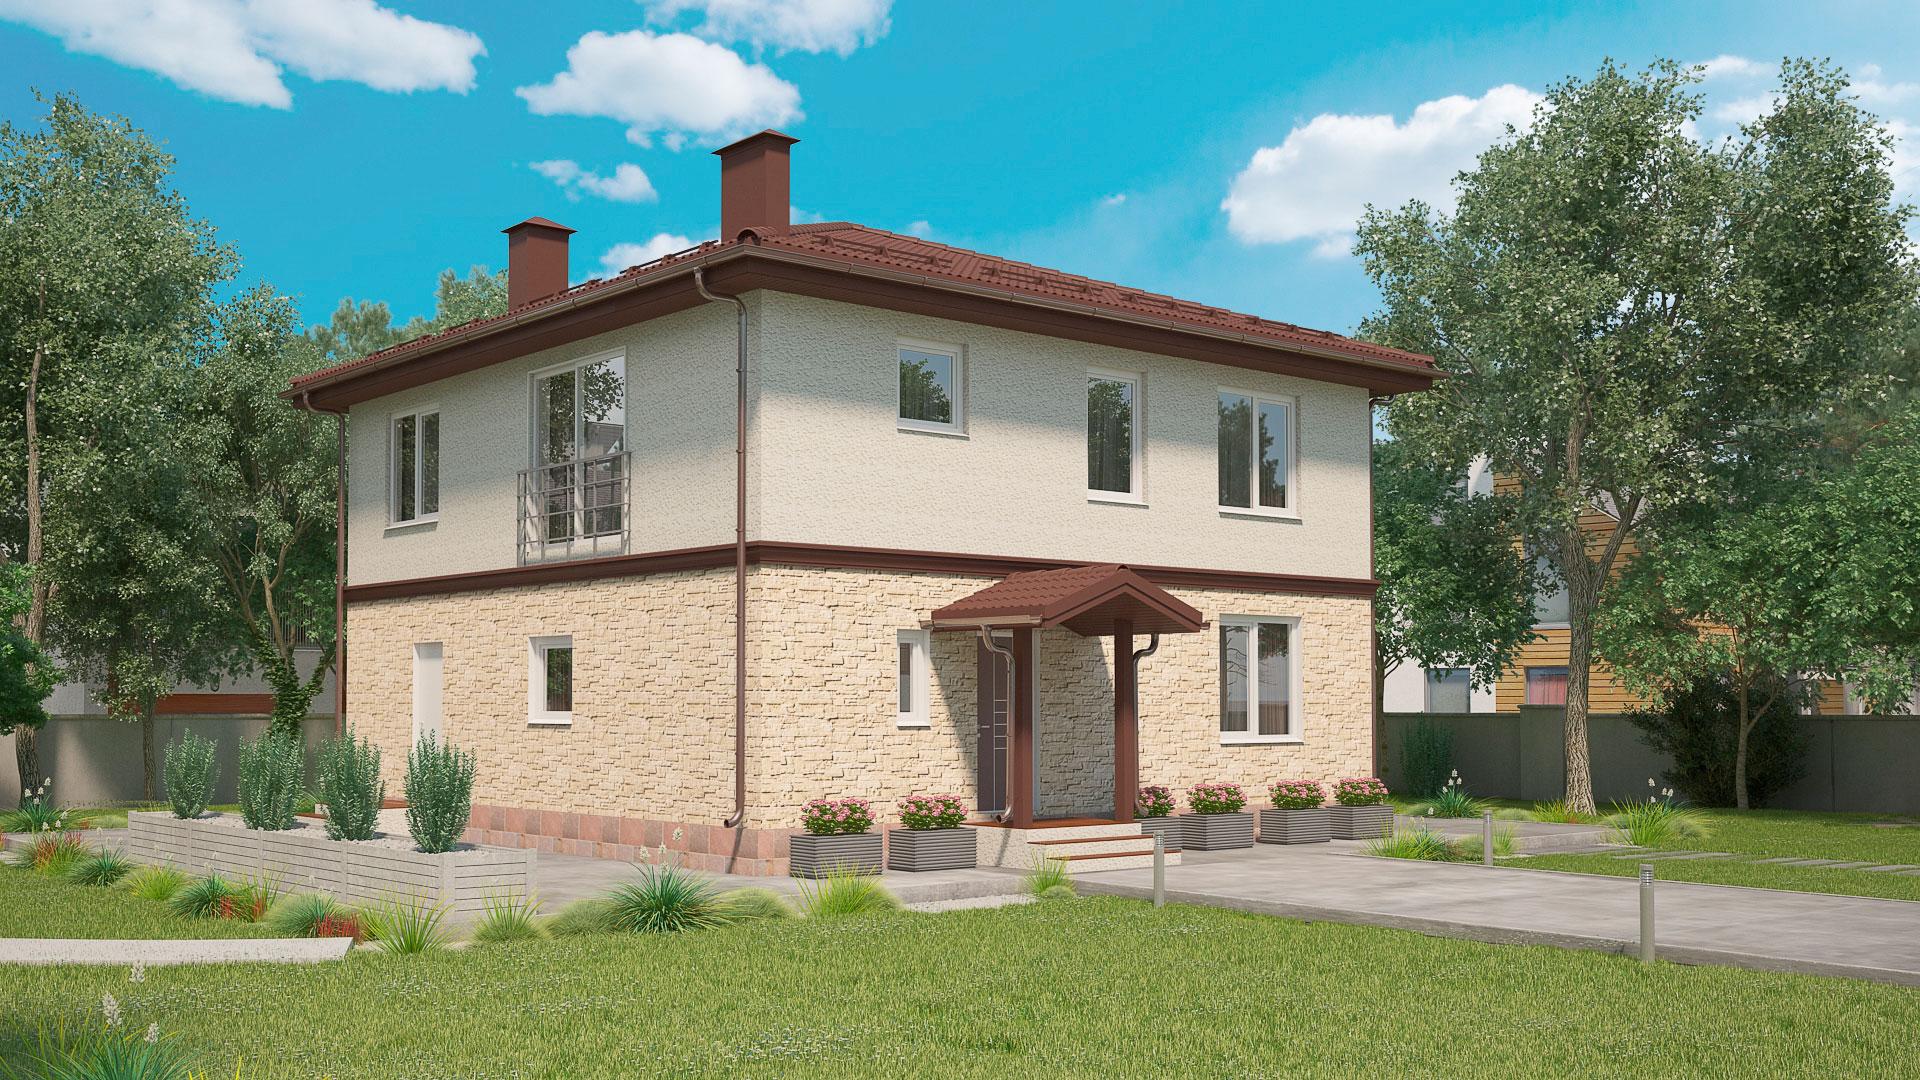 Передний фасад дома 10 на 10 двухэтажного, проект БЭНПАН МС-188.